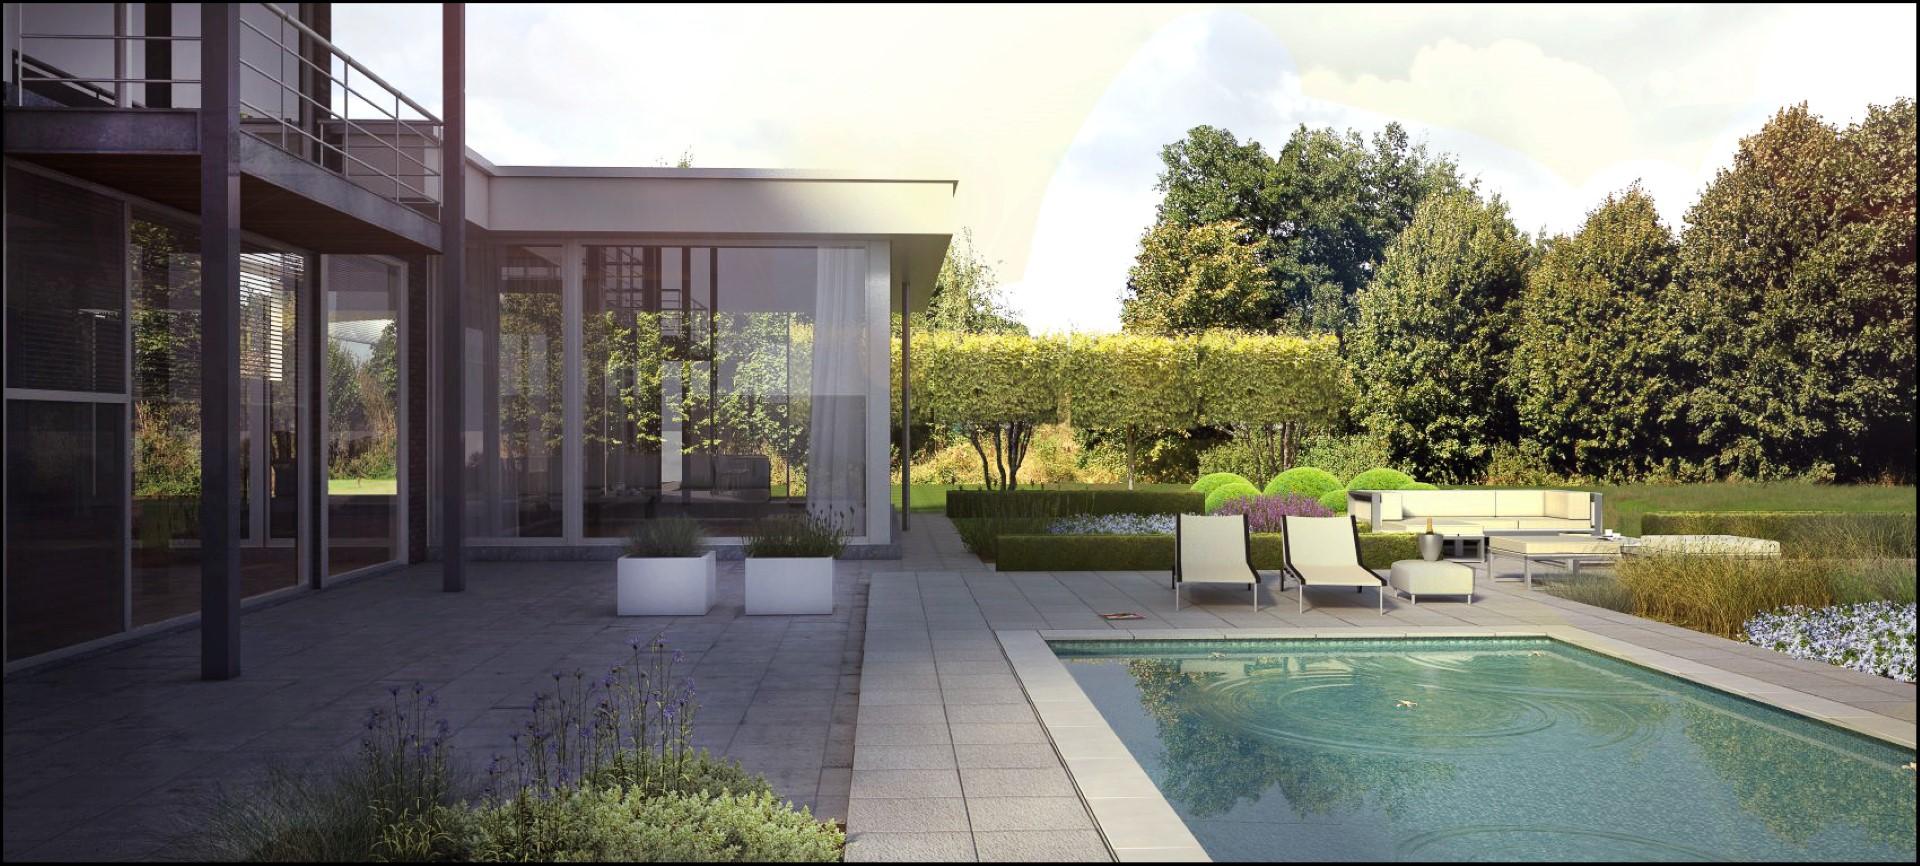 Eco tuinarchitectengroep 3d projecten tuinontwerp for 3d tuin ontwerpen